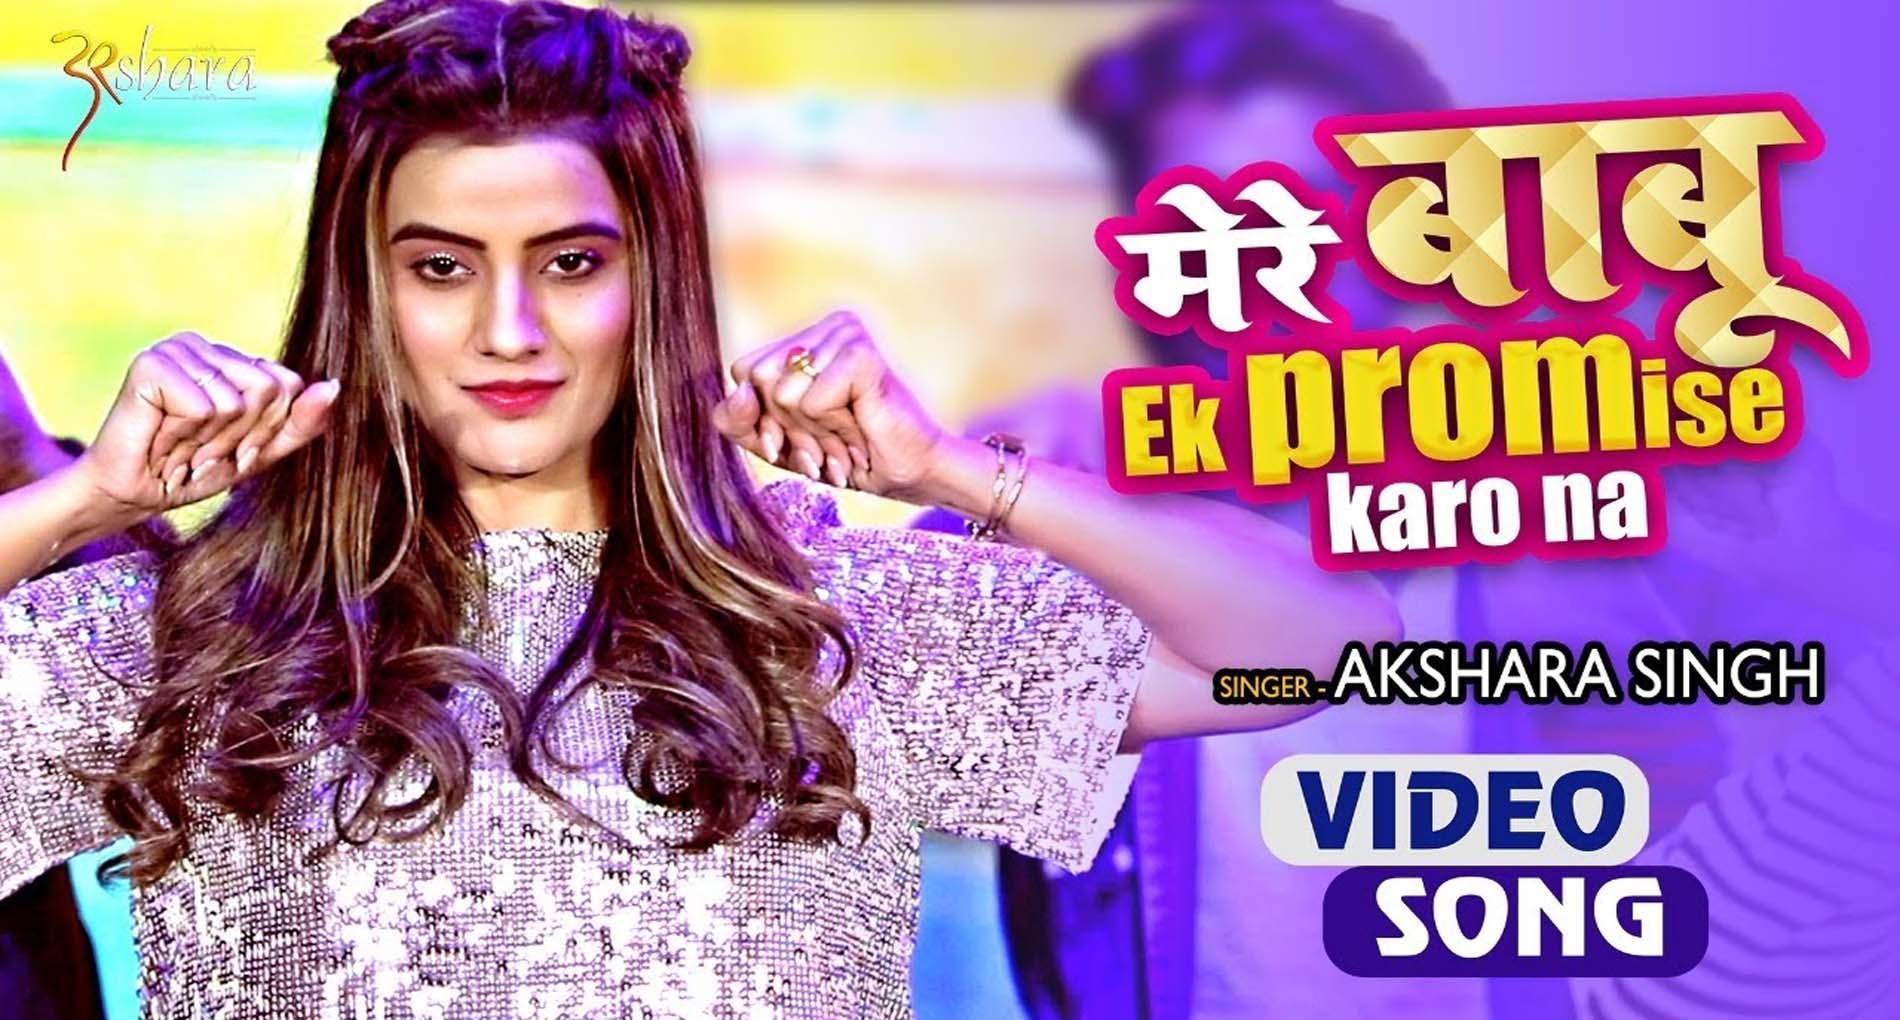 अक्षरा सिंह के गाने 'मेरे बाबू एक प्रॉमिस करो ना' ने रिलीज के साथ मचाया धमाल! देखें वीडियो